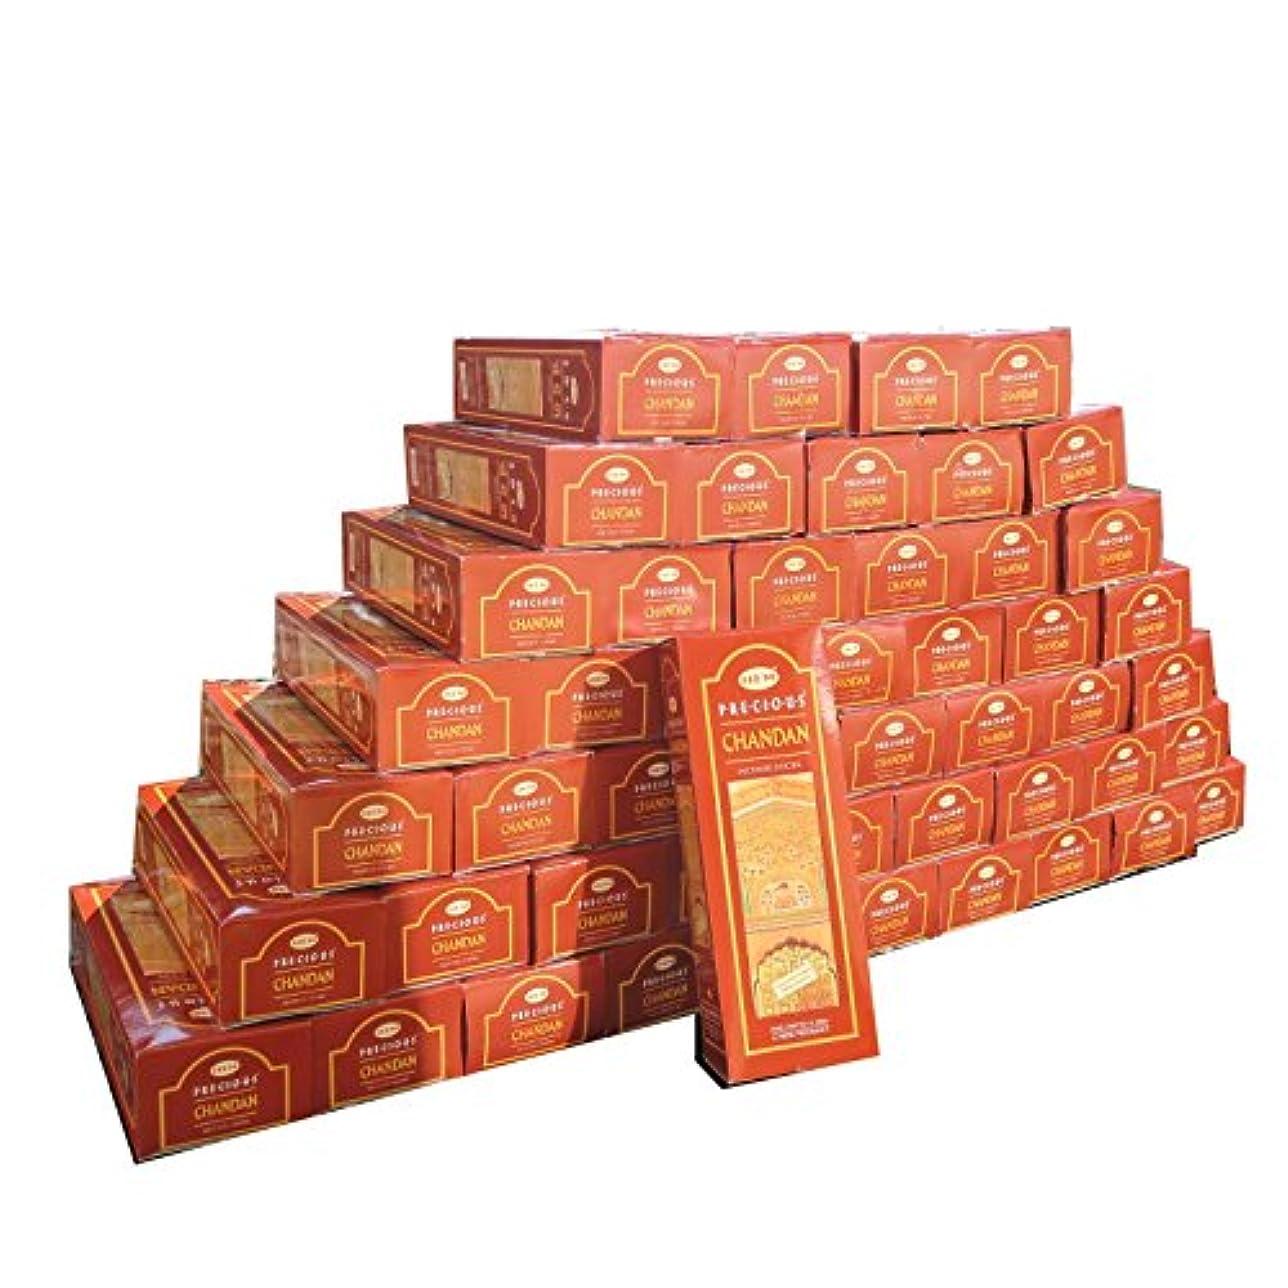 賭けロゴ最高業務用 インドスティック形お香 プレシャスチャンダン 300箱入り